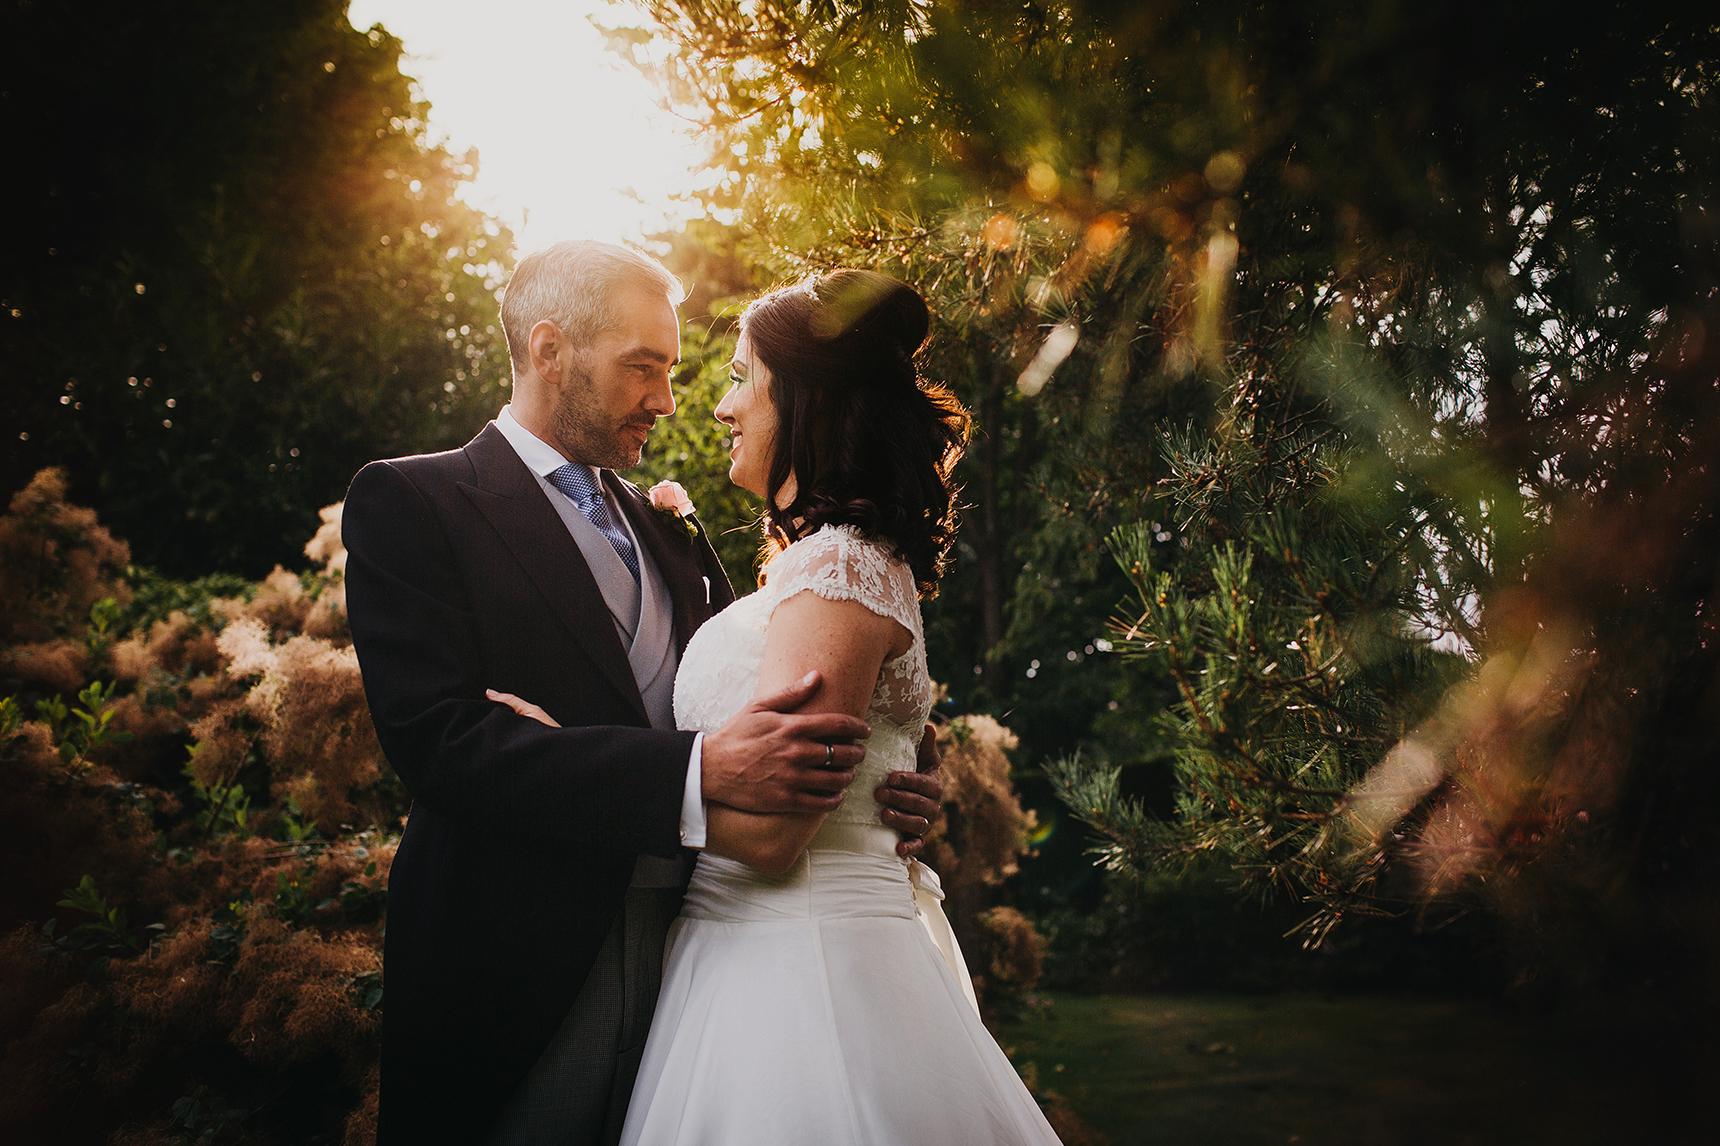 guyer's house wedding photographer